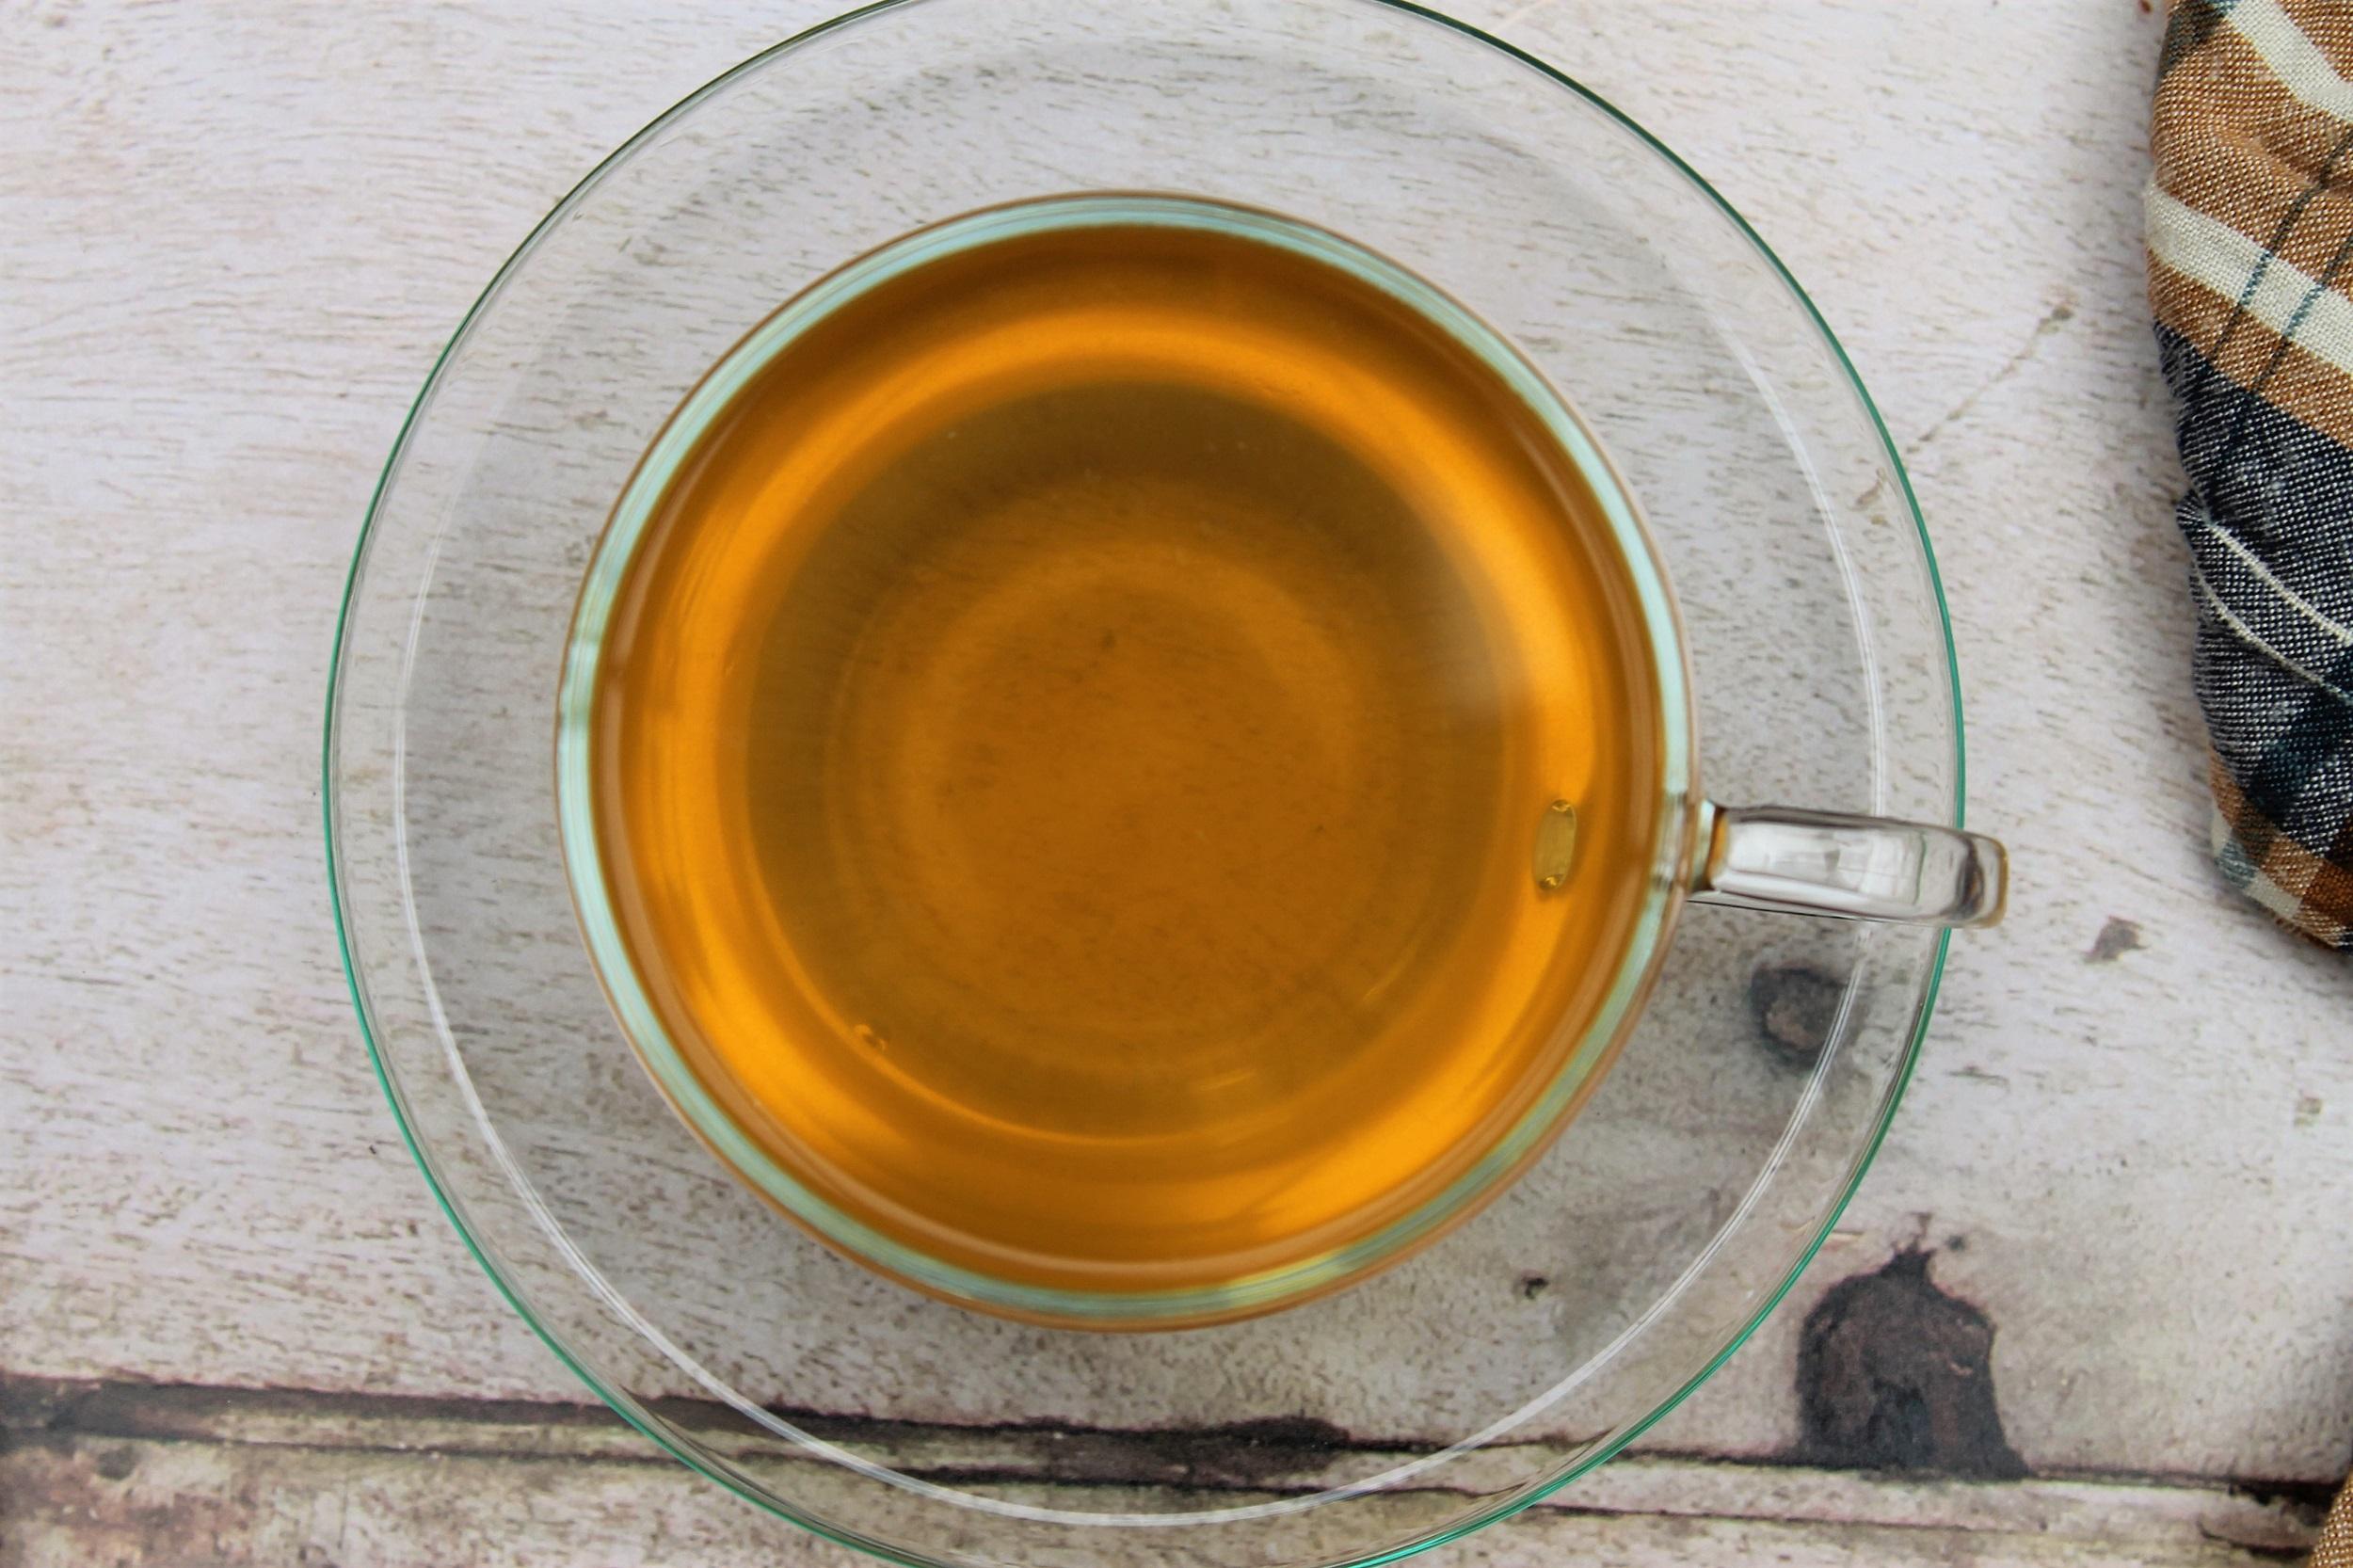 golden chamomile pukka tea in teacup